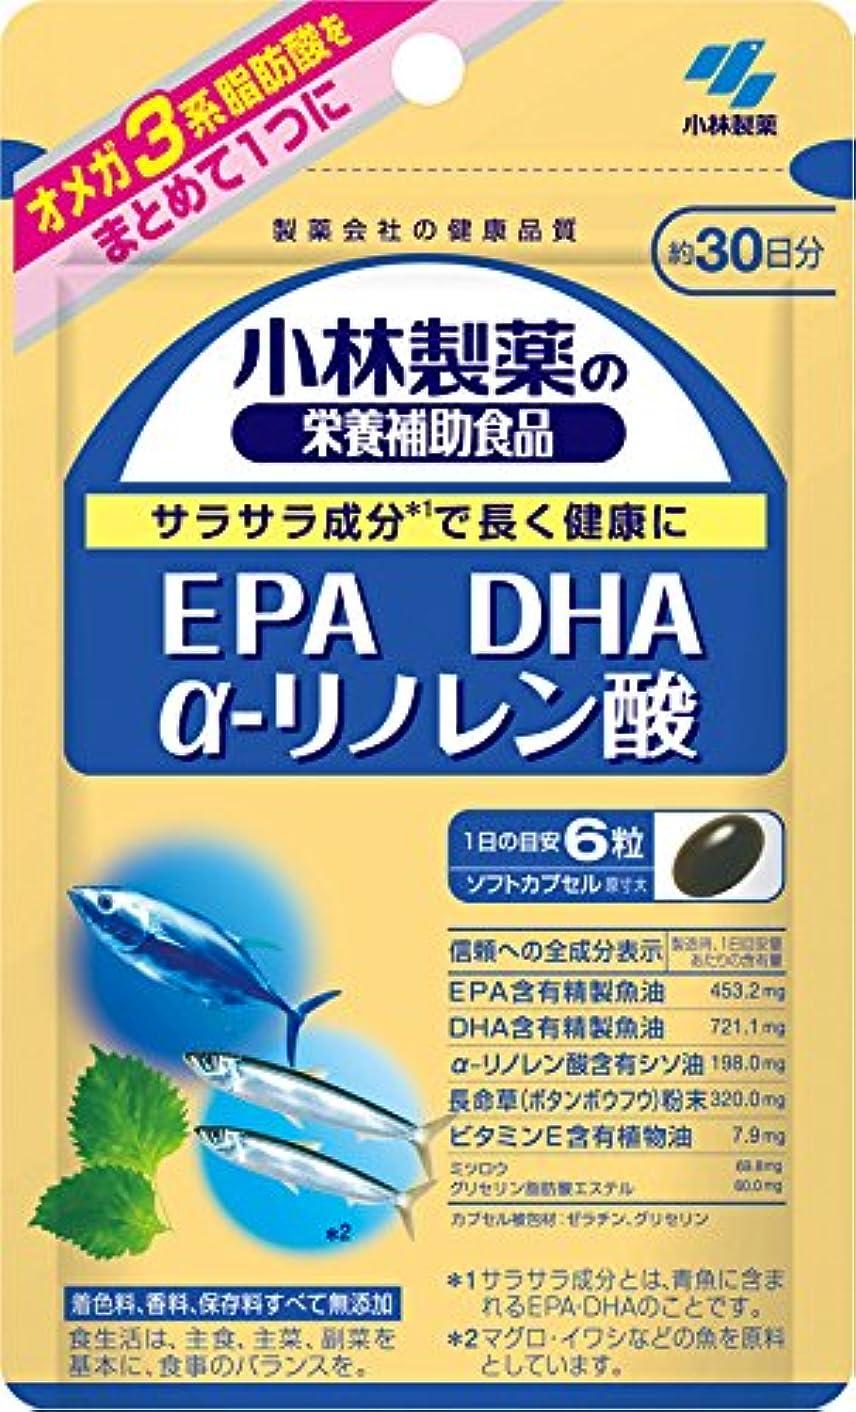 実証する代わりの砦小林製薬の栄養補助食品 EPA DHA α-リノレン酸 約30日分 180粒